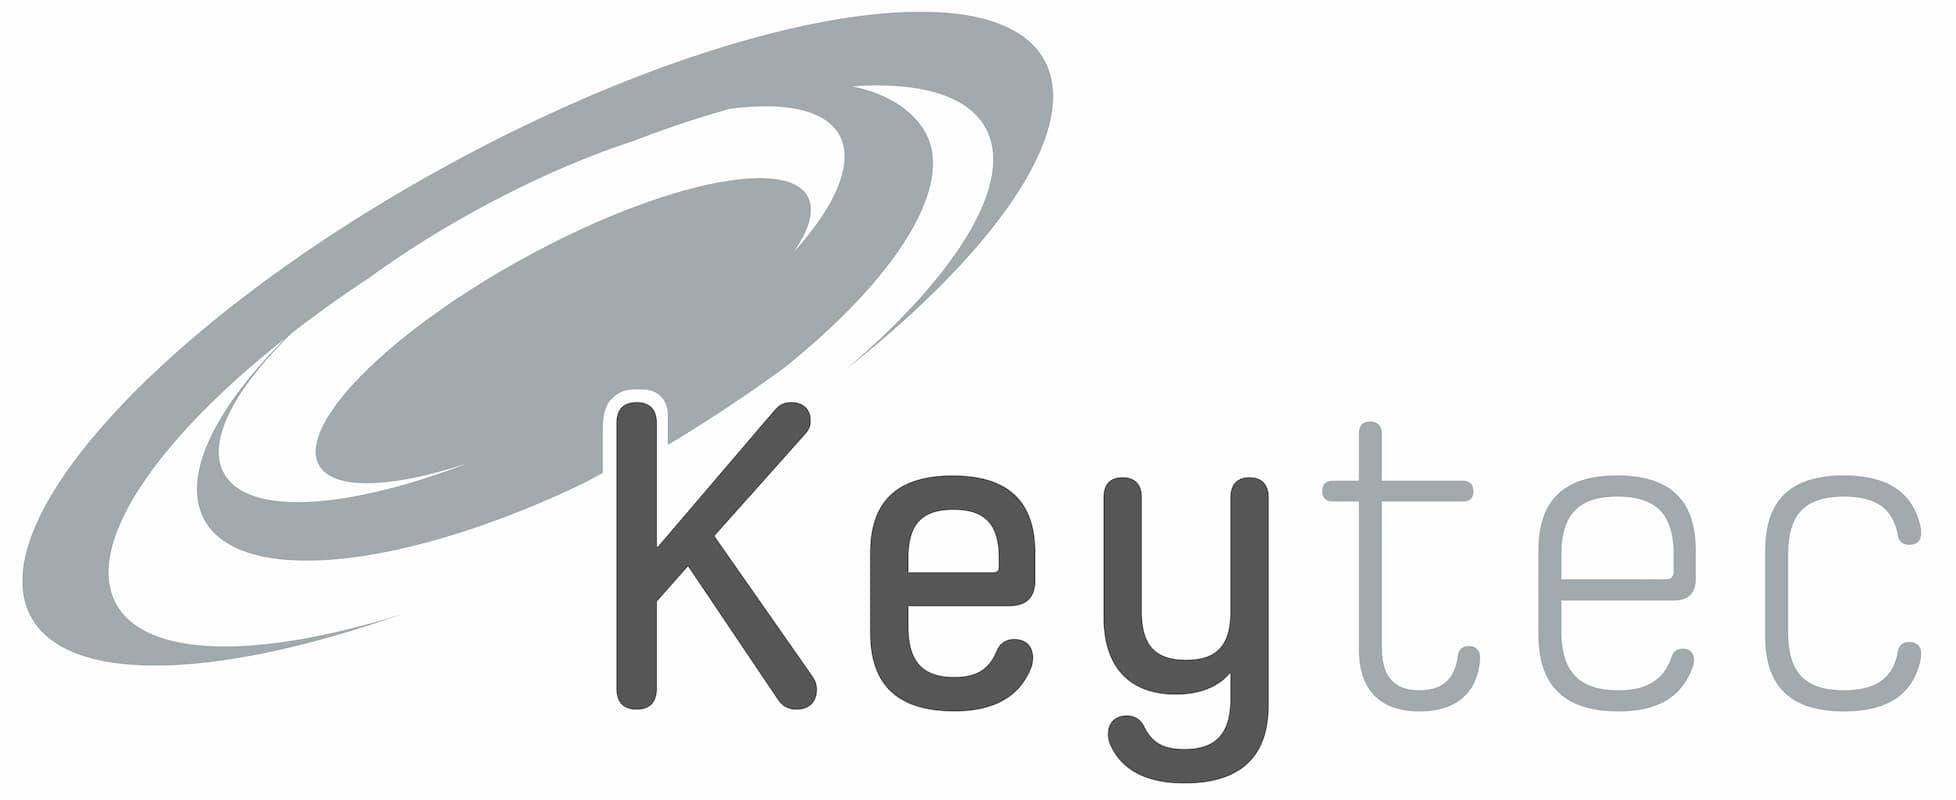 Hersteller: Keytec